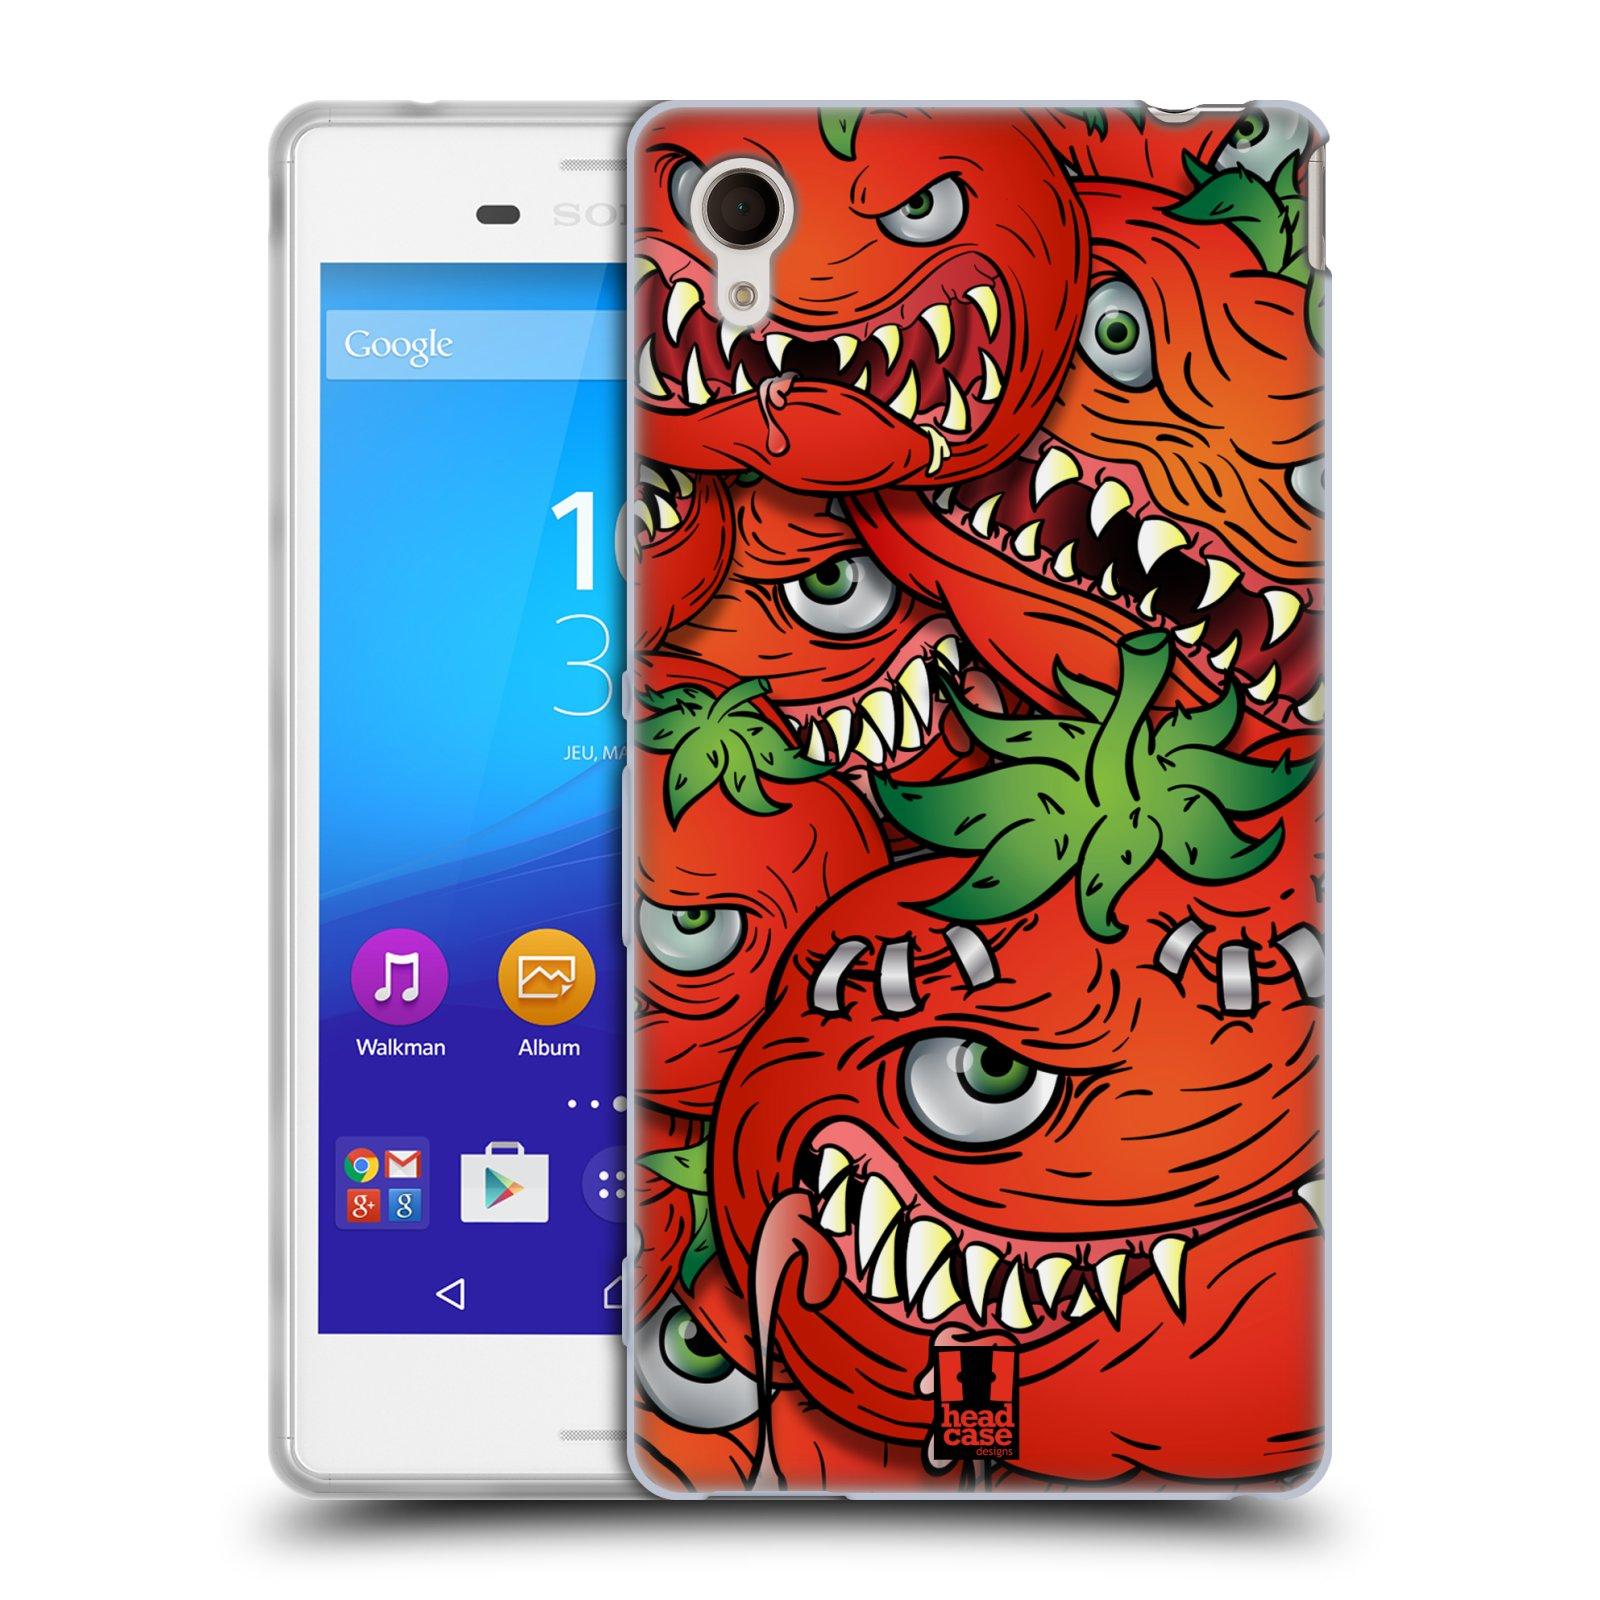 Silikonové pouzdro na mobil Sony Xperia M4 Aqua E2303 HEAD CASE Rajčátka (Silikonový kryt či obal na mobilní telefon Sony Xperia M4 Aqua a M4 Aqua Dual SIM)